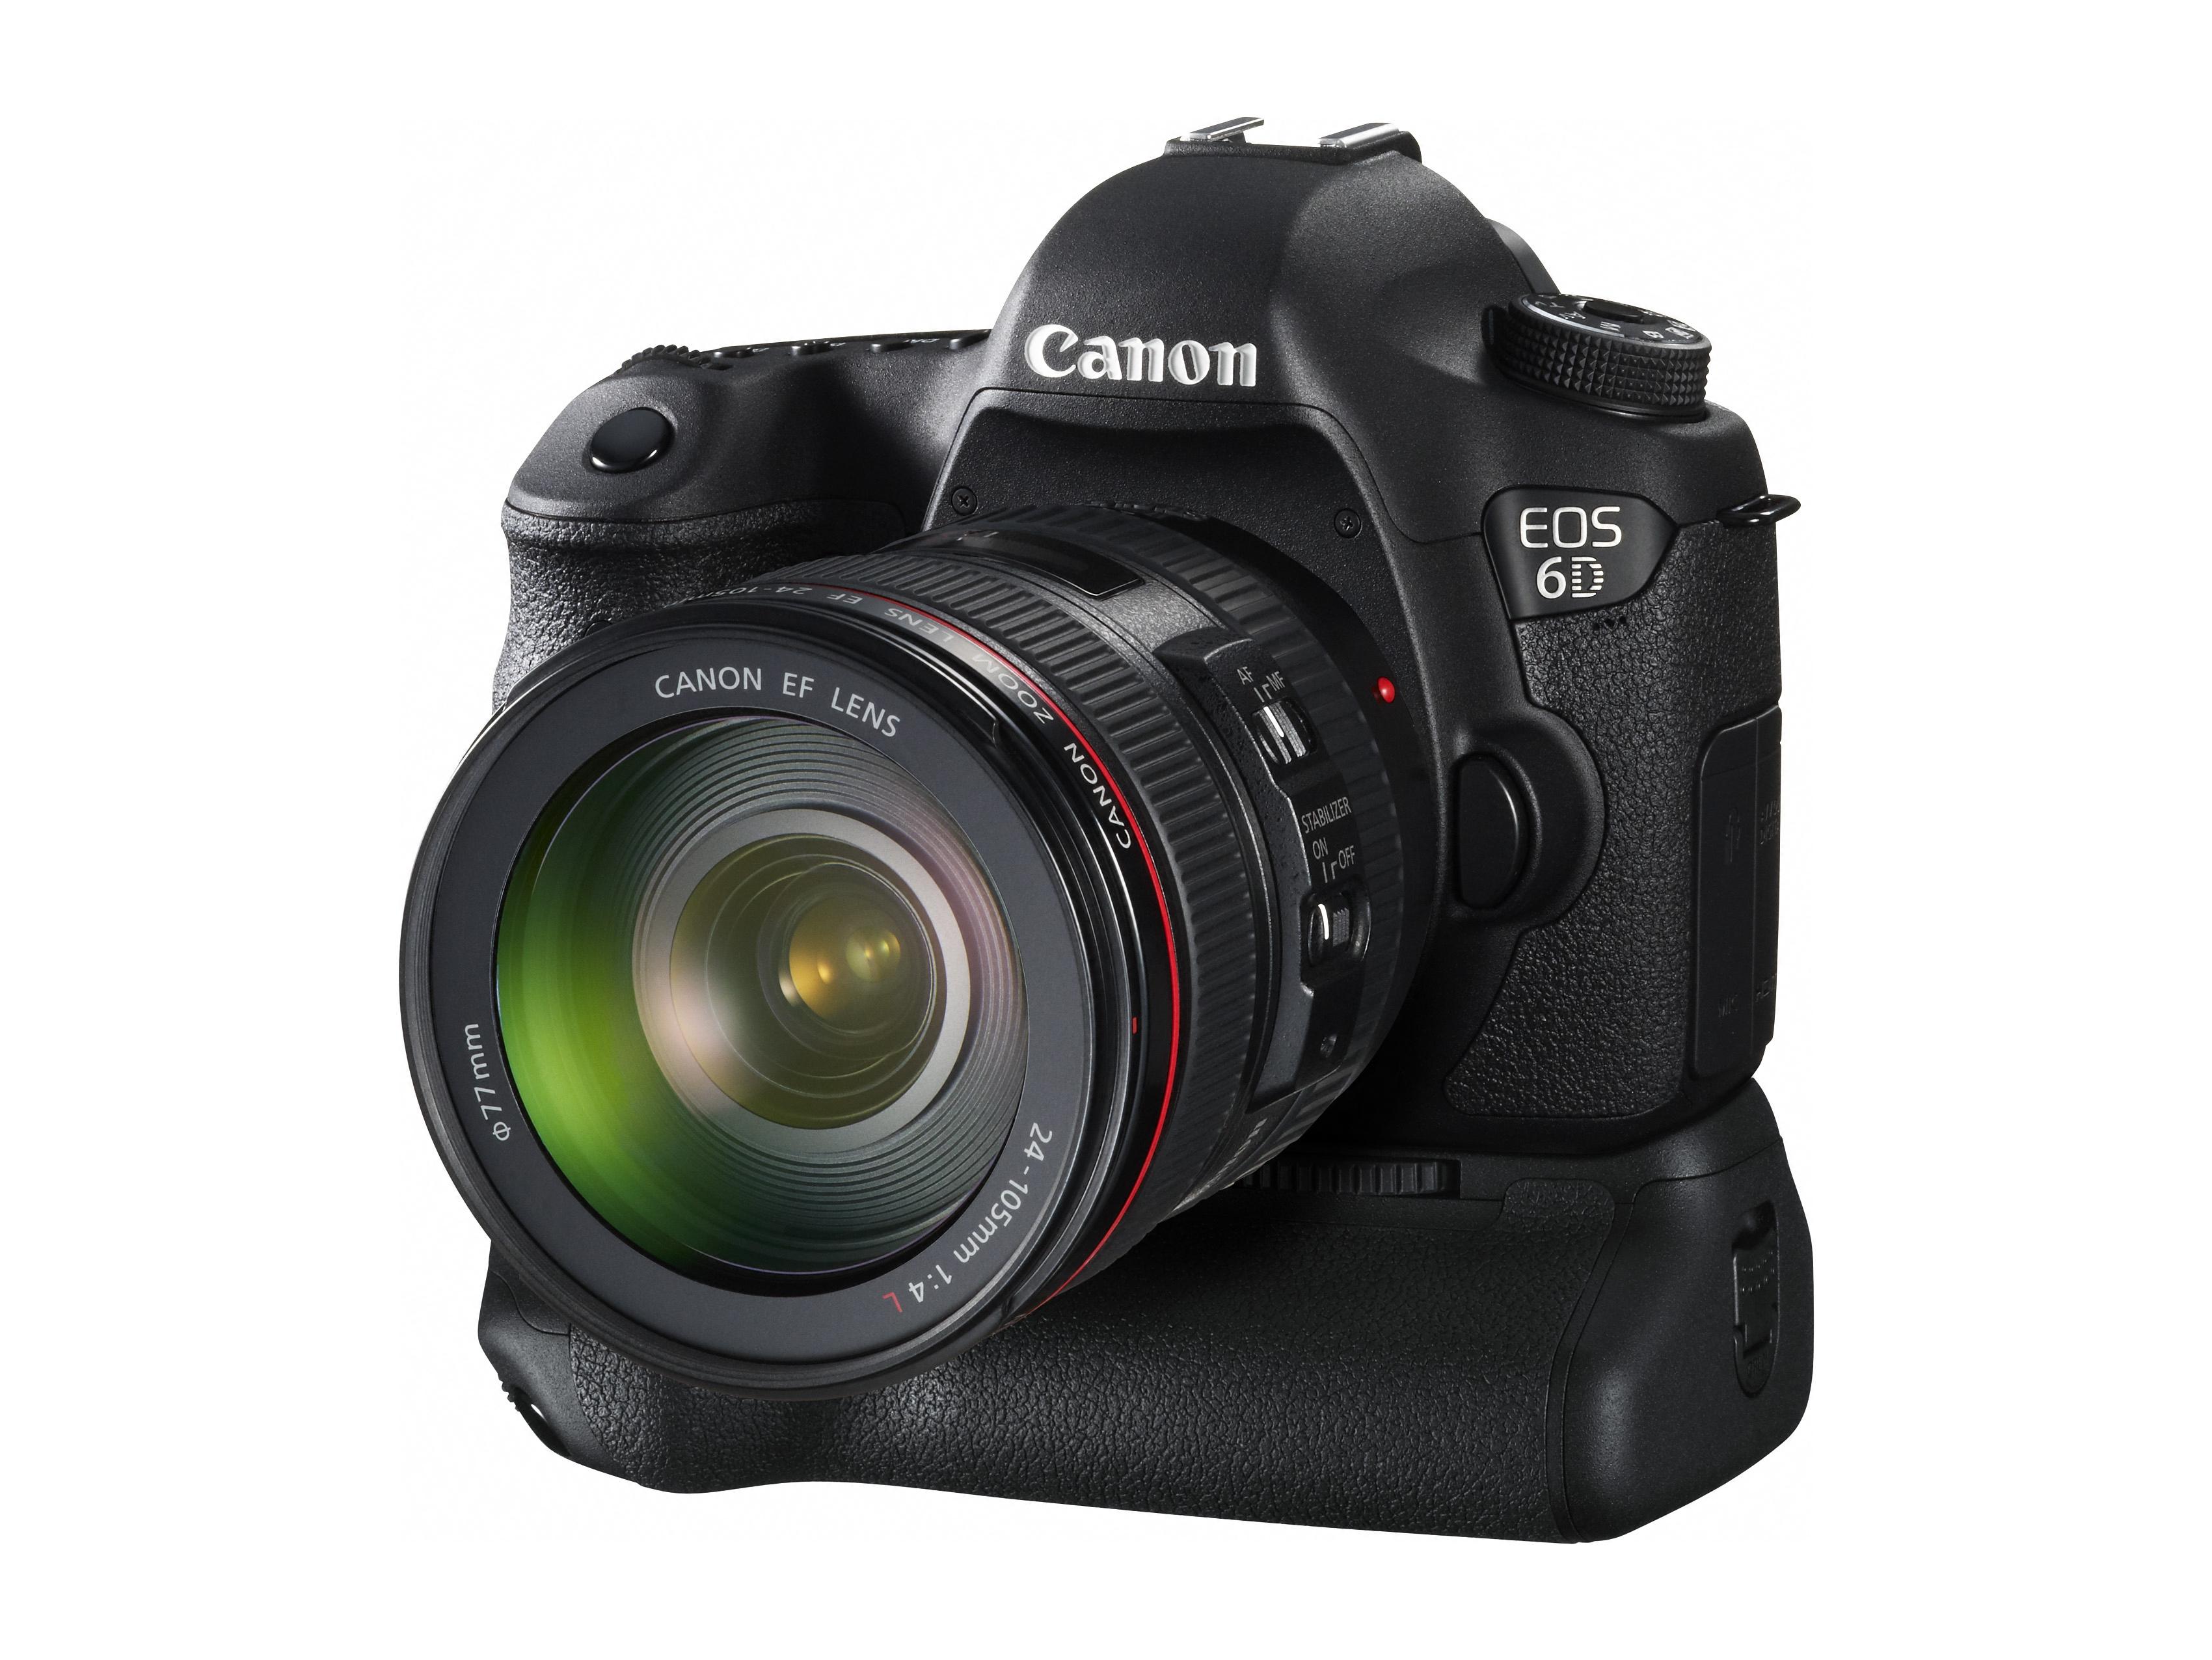 Canon EOS 6D formato profesional a costes accesibles | FOTOSTOCKER